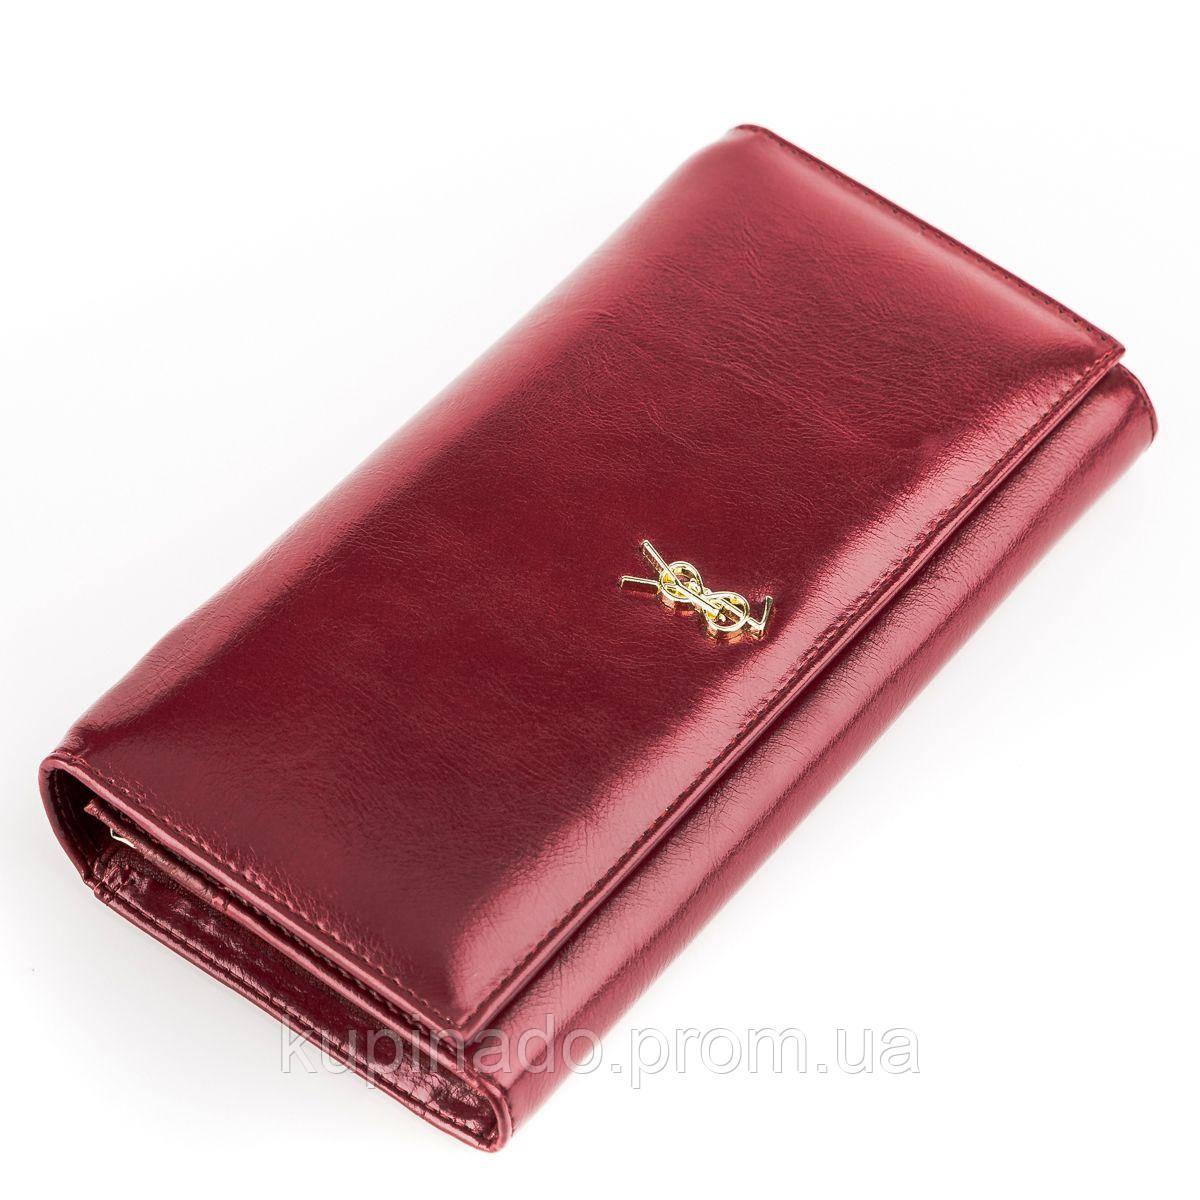 Кошелек женский BALISA 13856 кожаный Бордовый, Бордовый